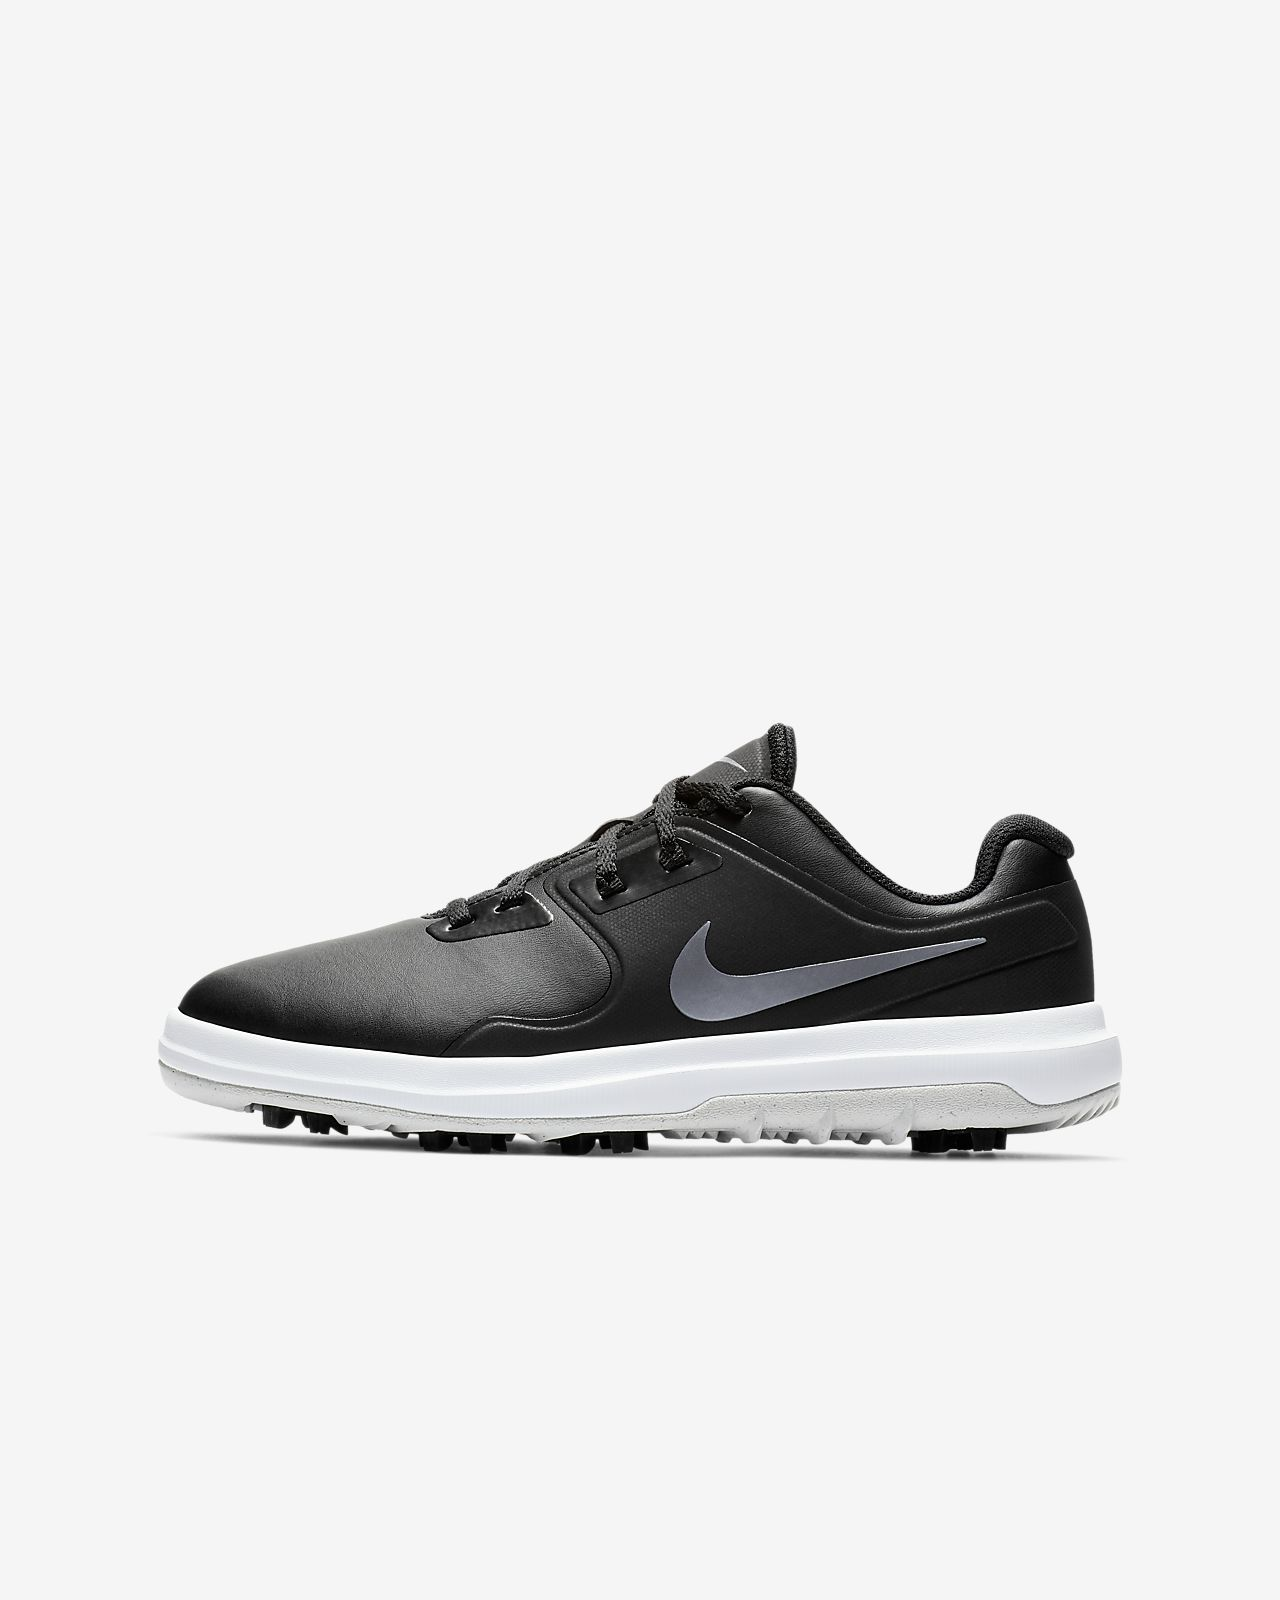 Nike Vapor Pro Jr. Golfschoen voor kleuters/kids